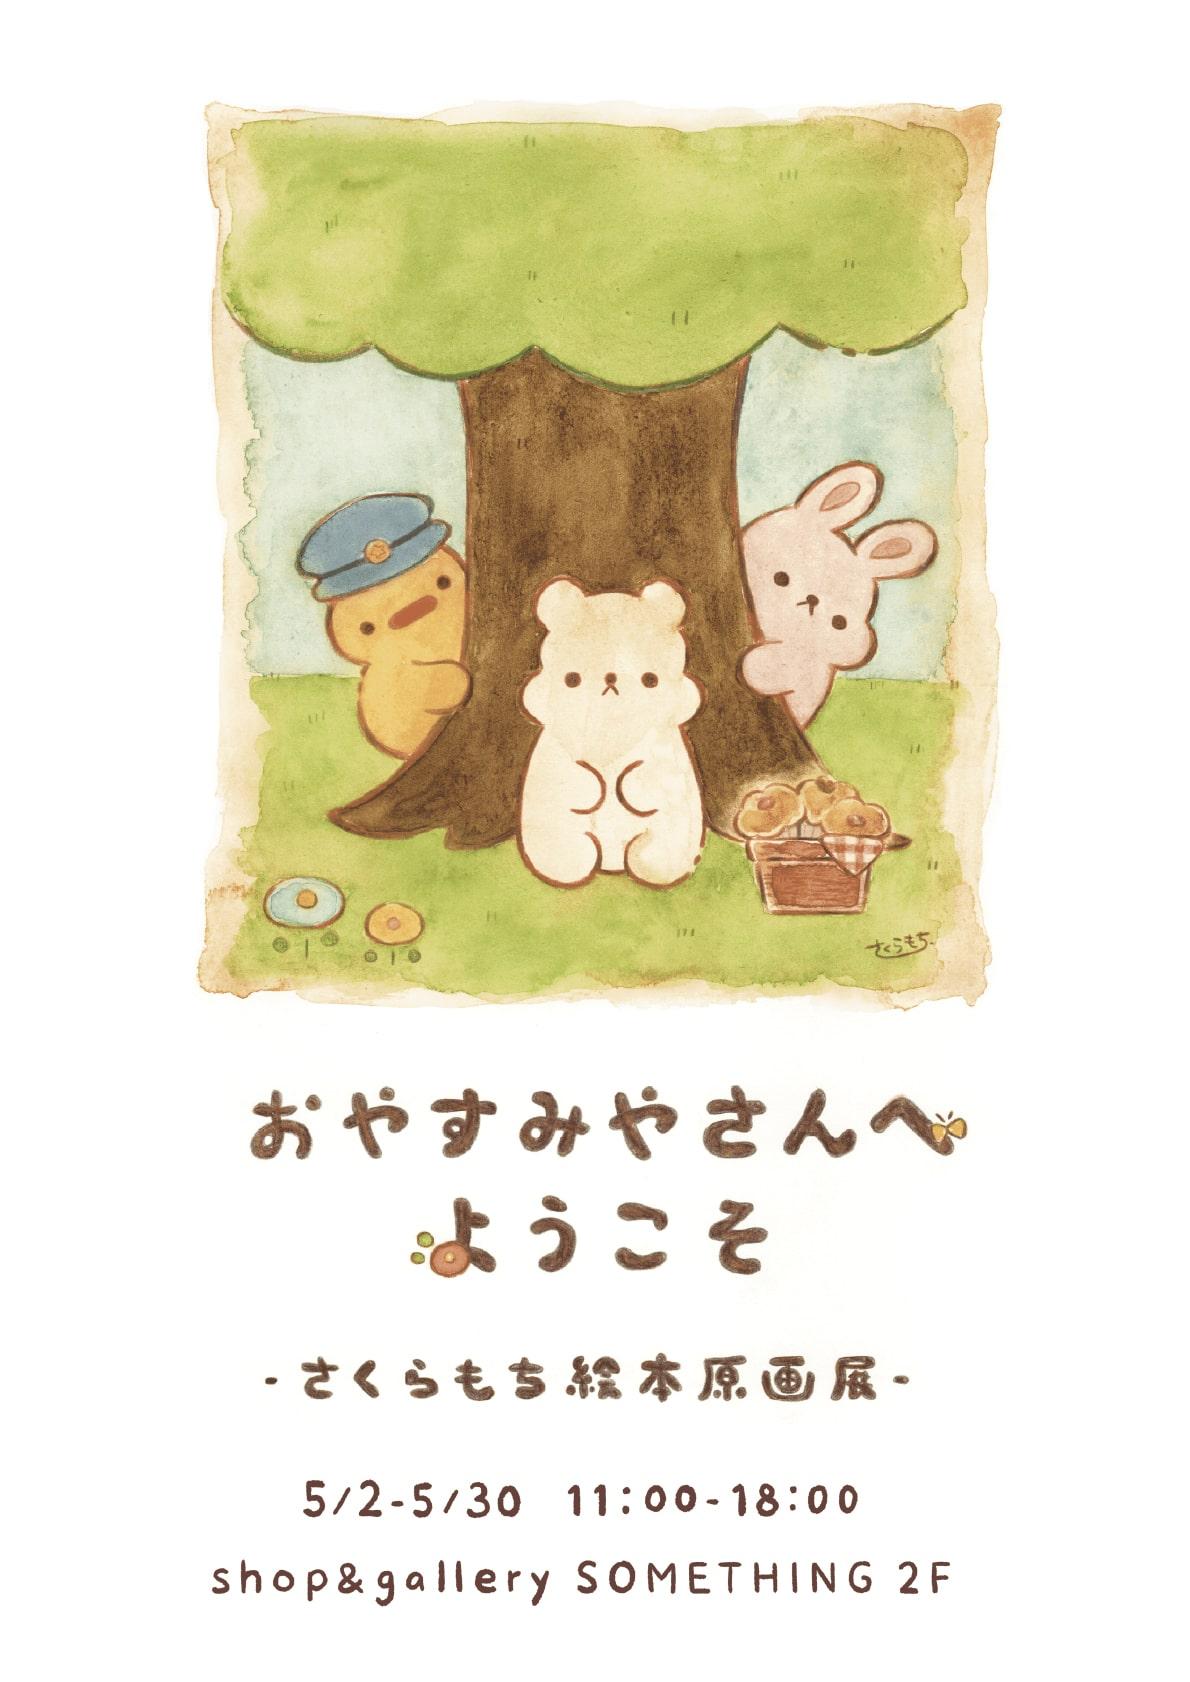 絵本原画展『おやすみやさんへようこそ』in Shop&gallery SOMETHINGチラシ2